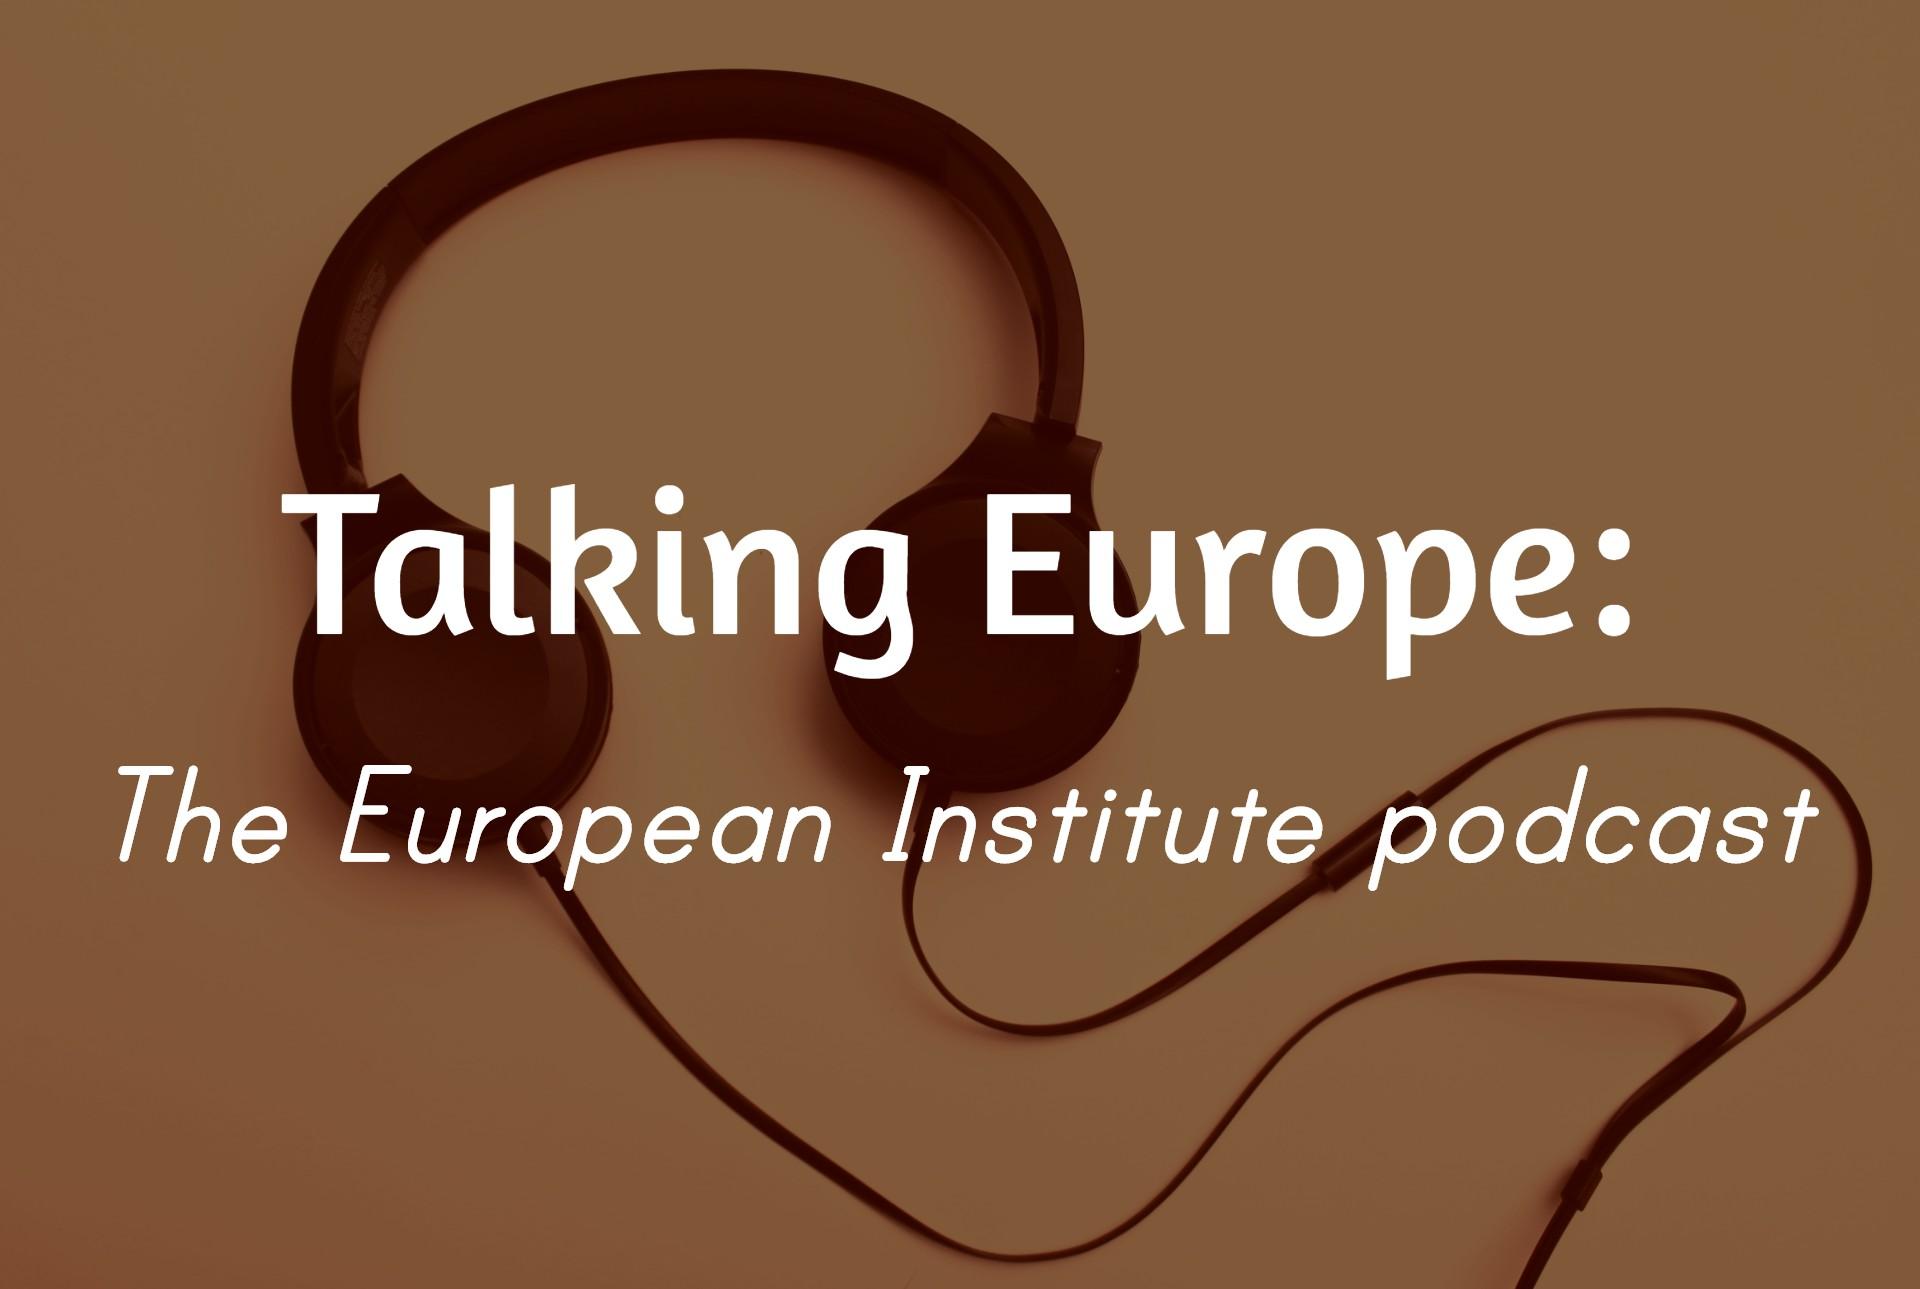 Talking Europe podcast logo